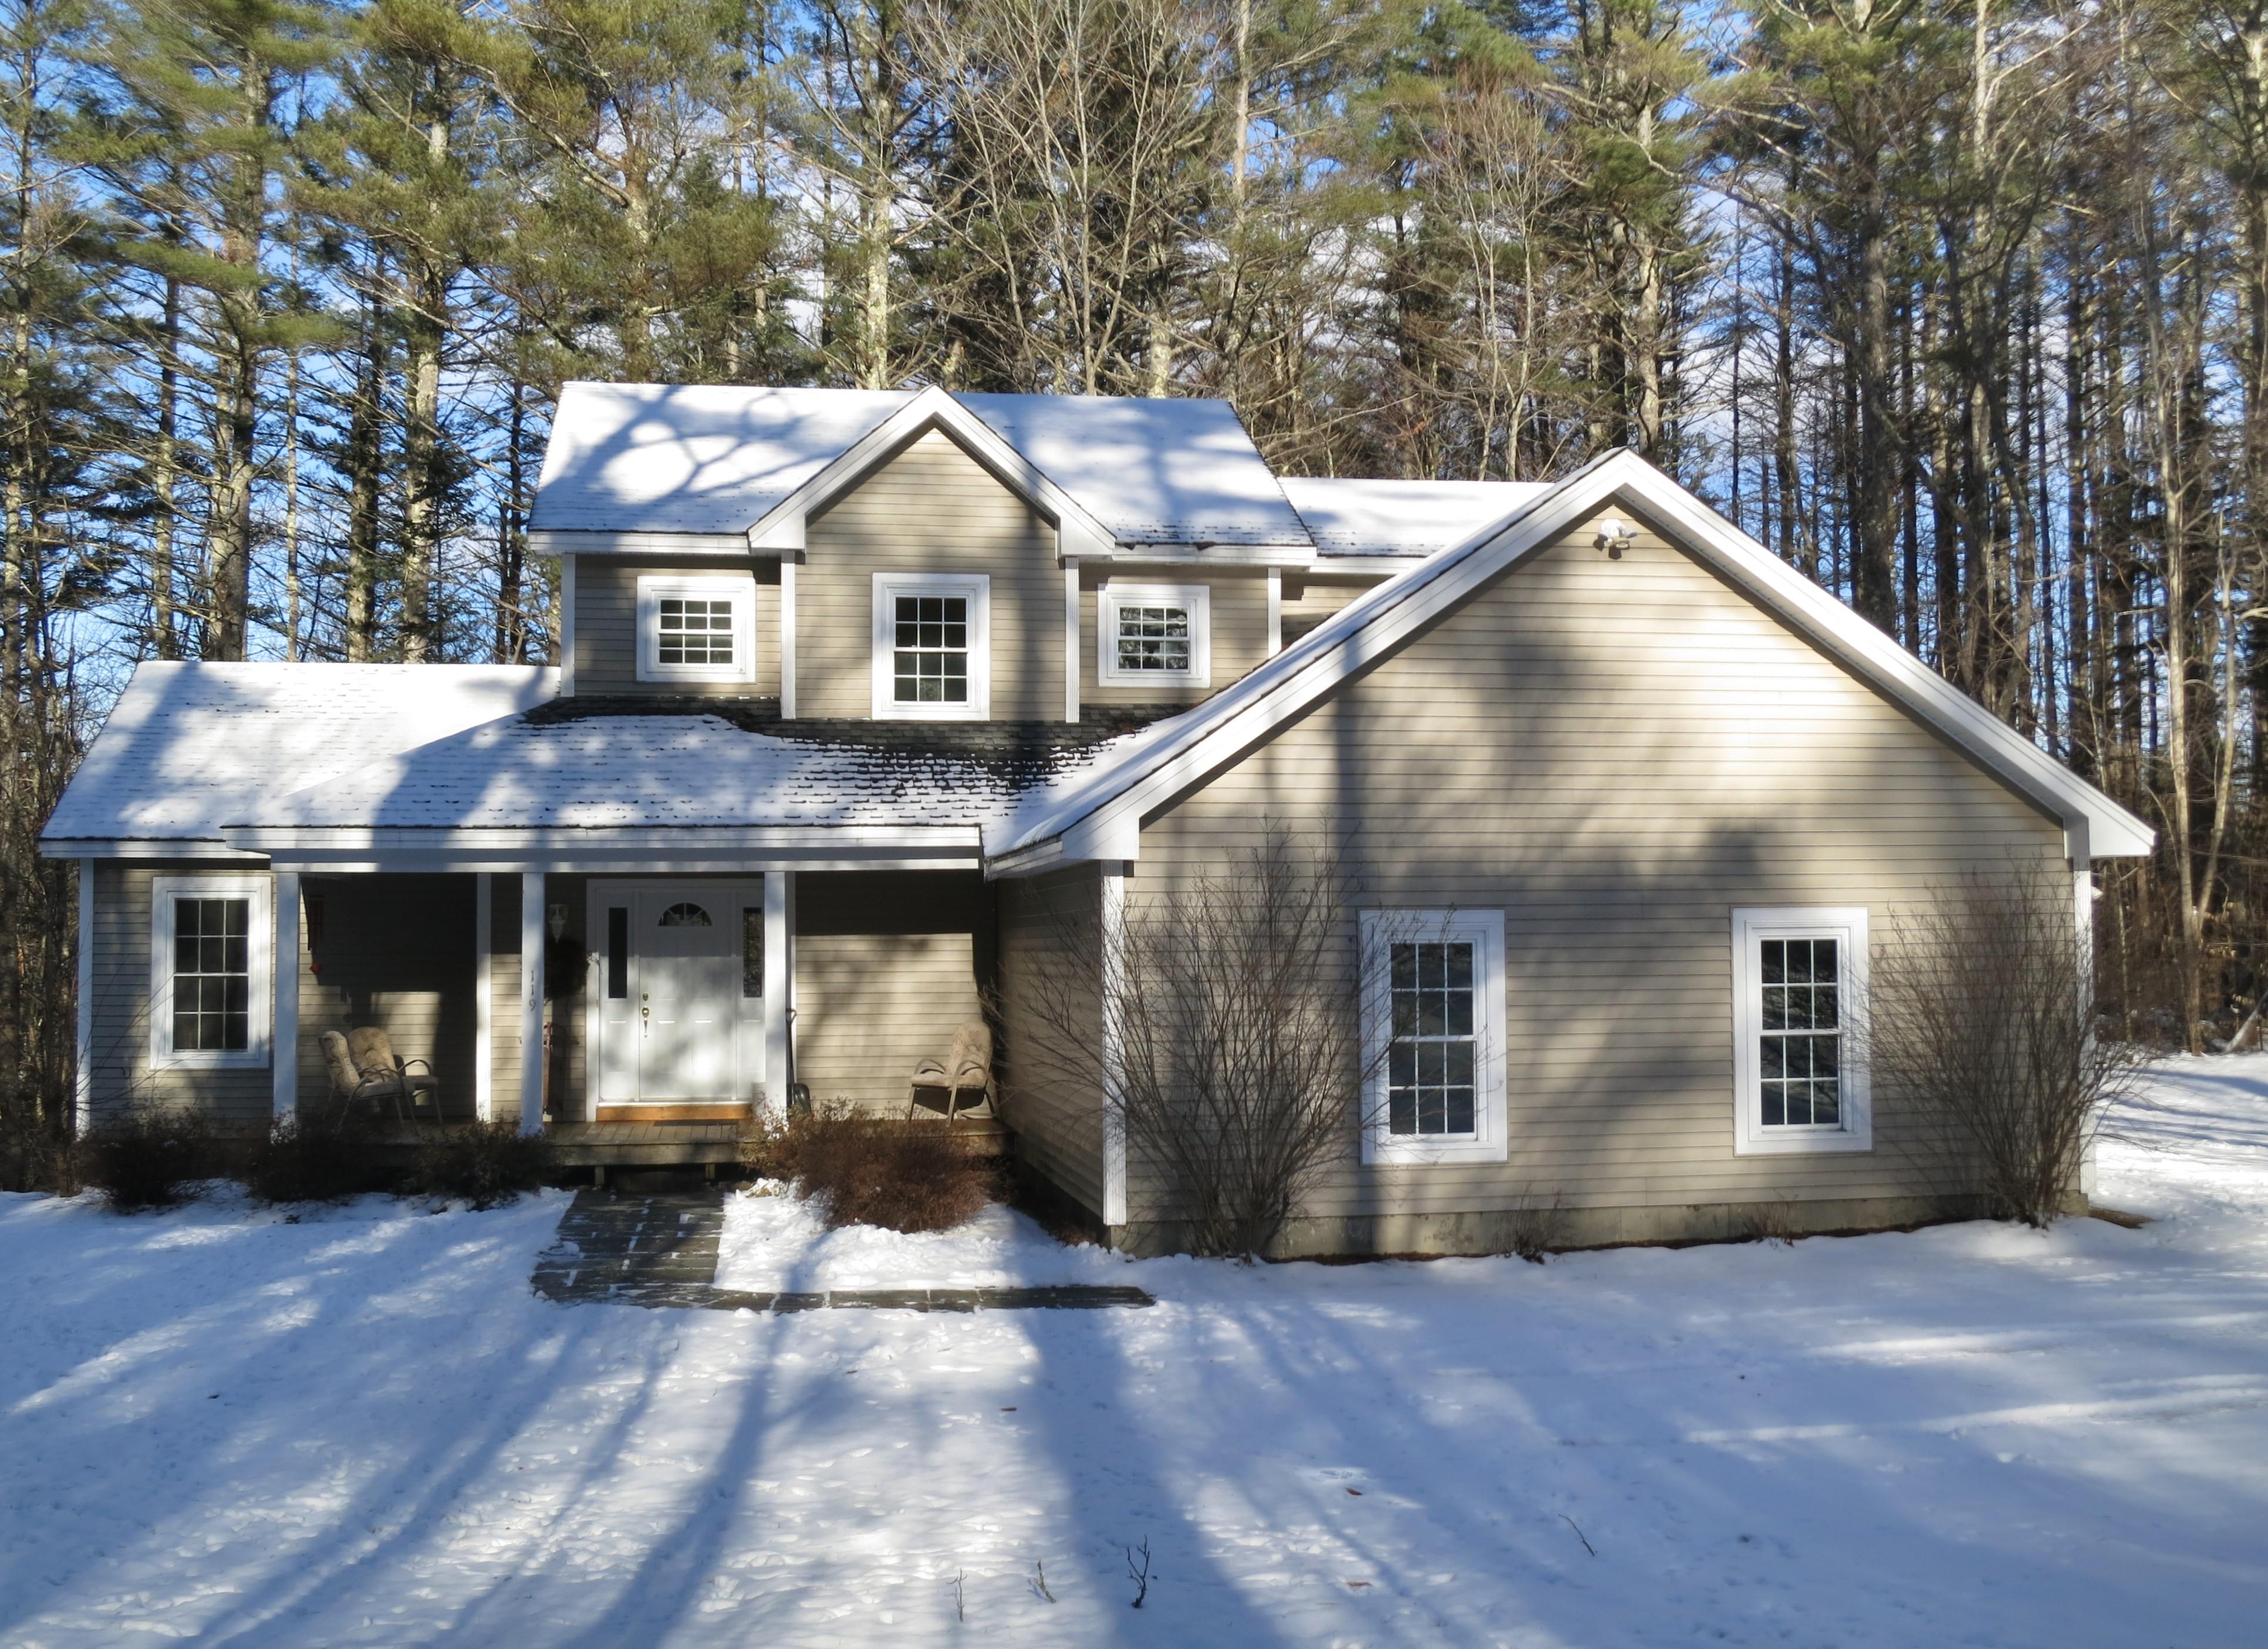 独户住宅 为 销售 在 119 Adams Drive, Londonderry 伦敦德里郡, 佛蒙特州, 05148 美国